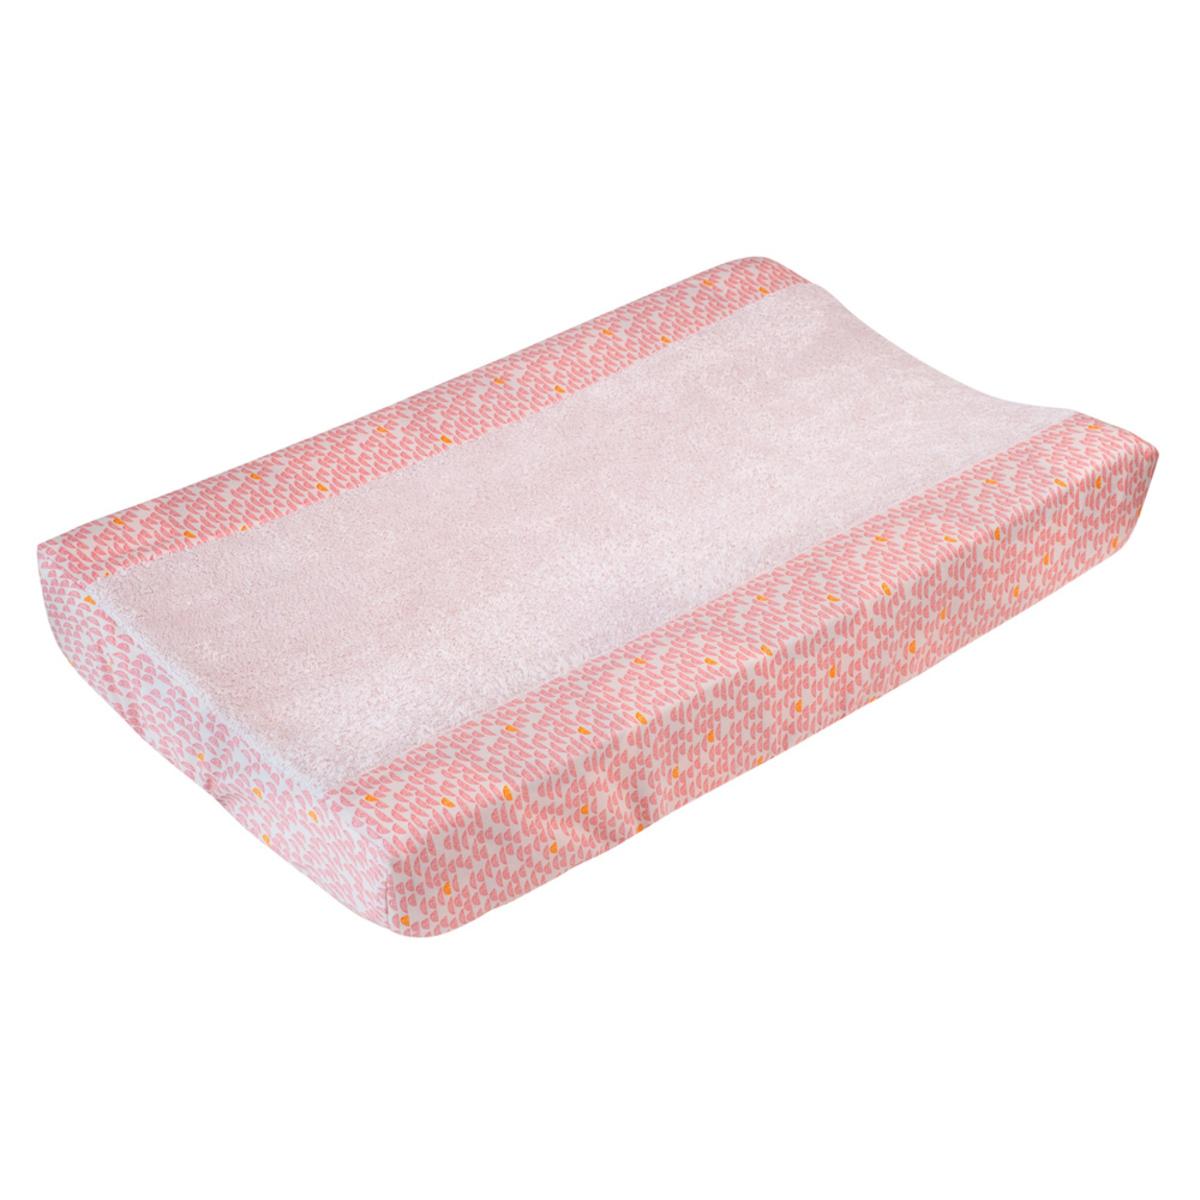 trixie baby housse de matelas langer pebble pink taille l matelas et housse langer. Black Bedroom Furniture Sets. Home Design Ideas